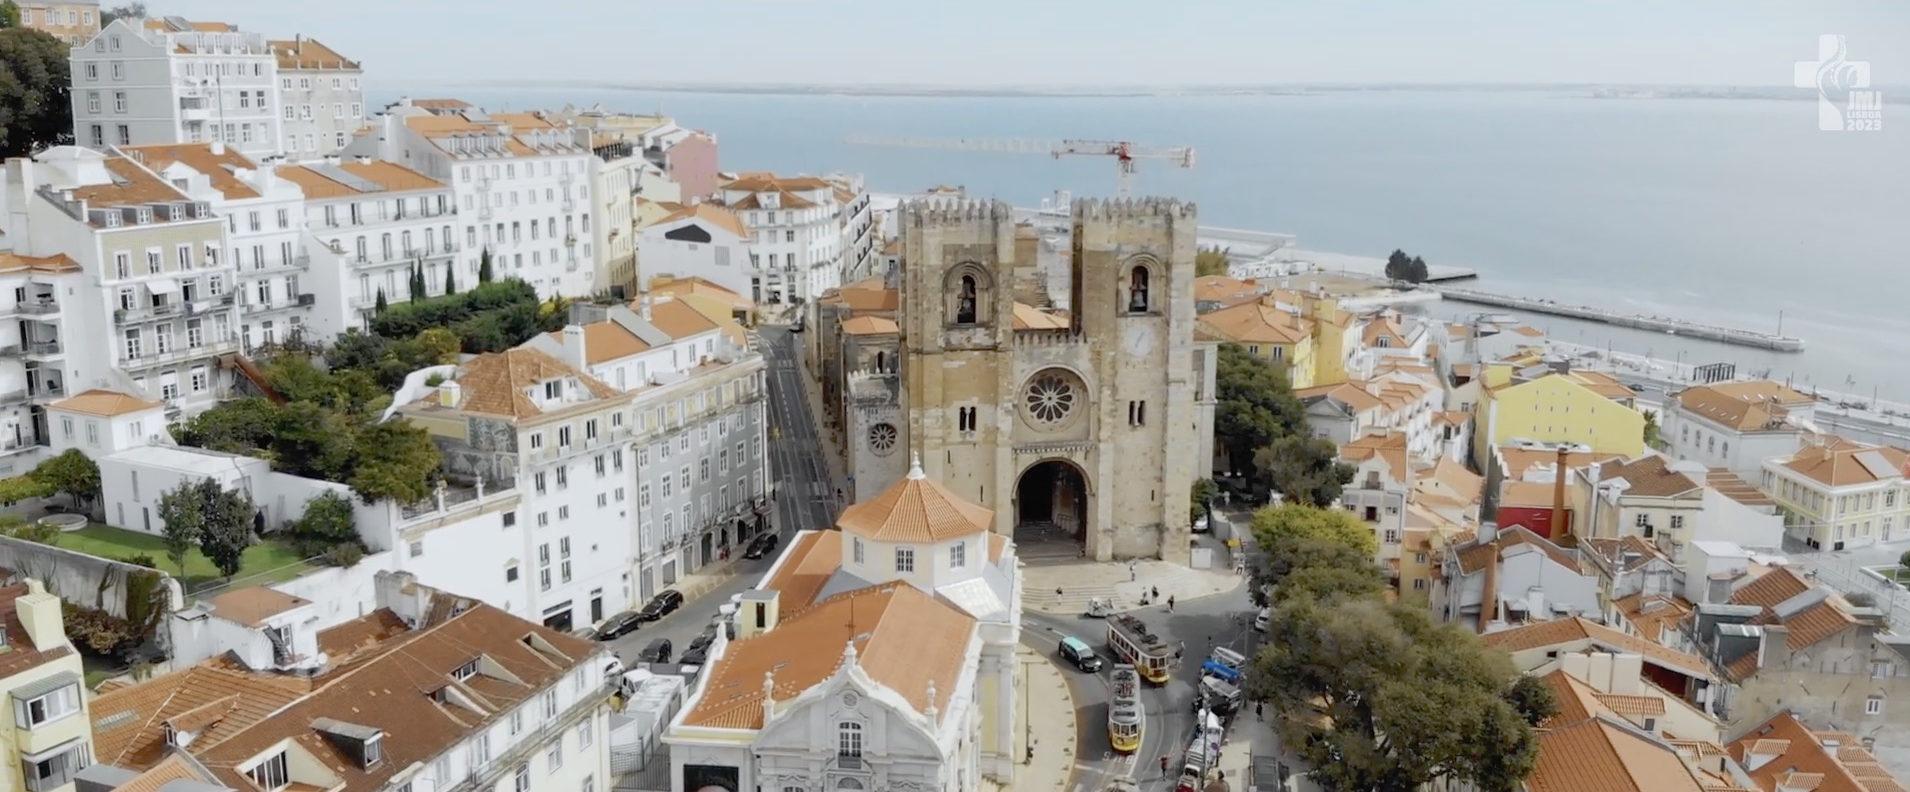 Capture clip de la JMJ de Lisbonne 2023 @ YouTube